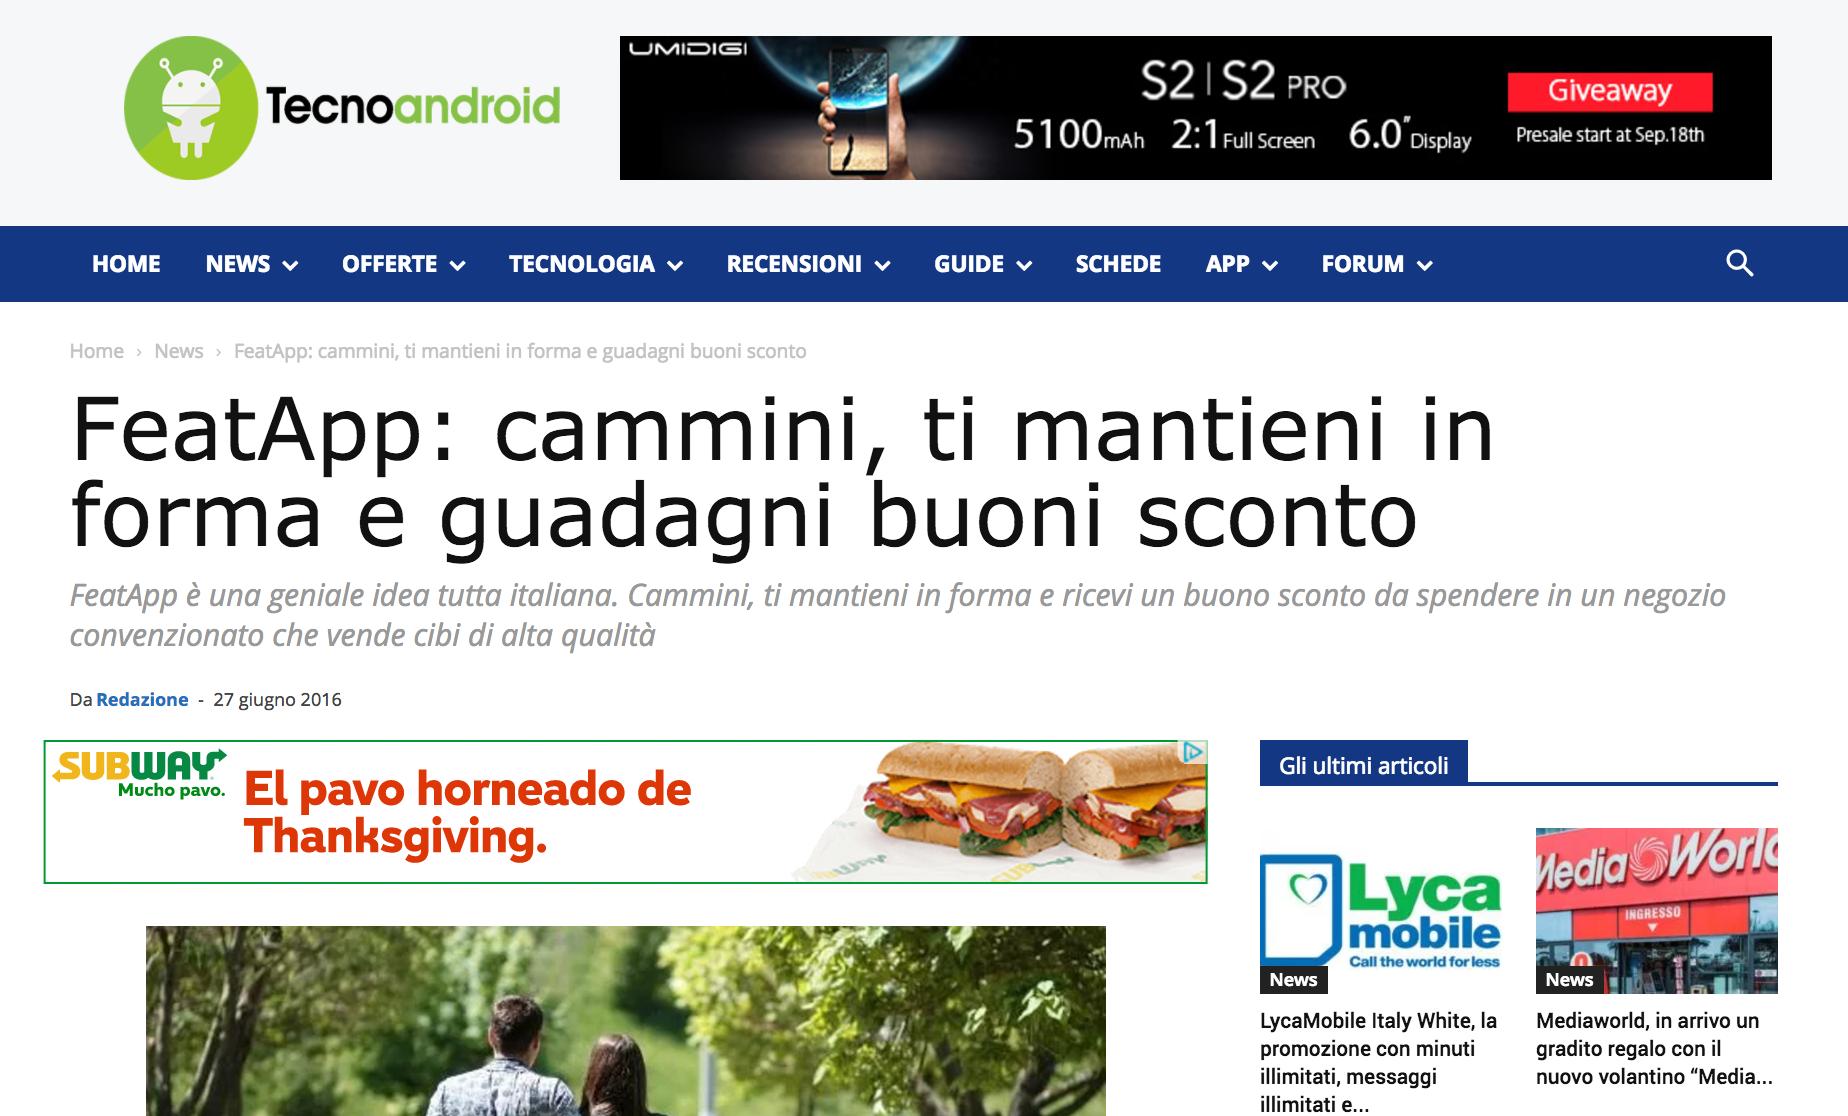 featapp: cammini, ti mantieni in forma e guadagni buoni sconto - TecnoAndroid, June 2016